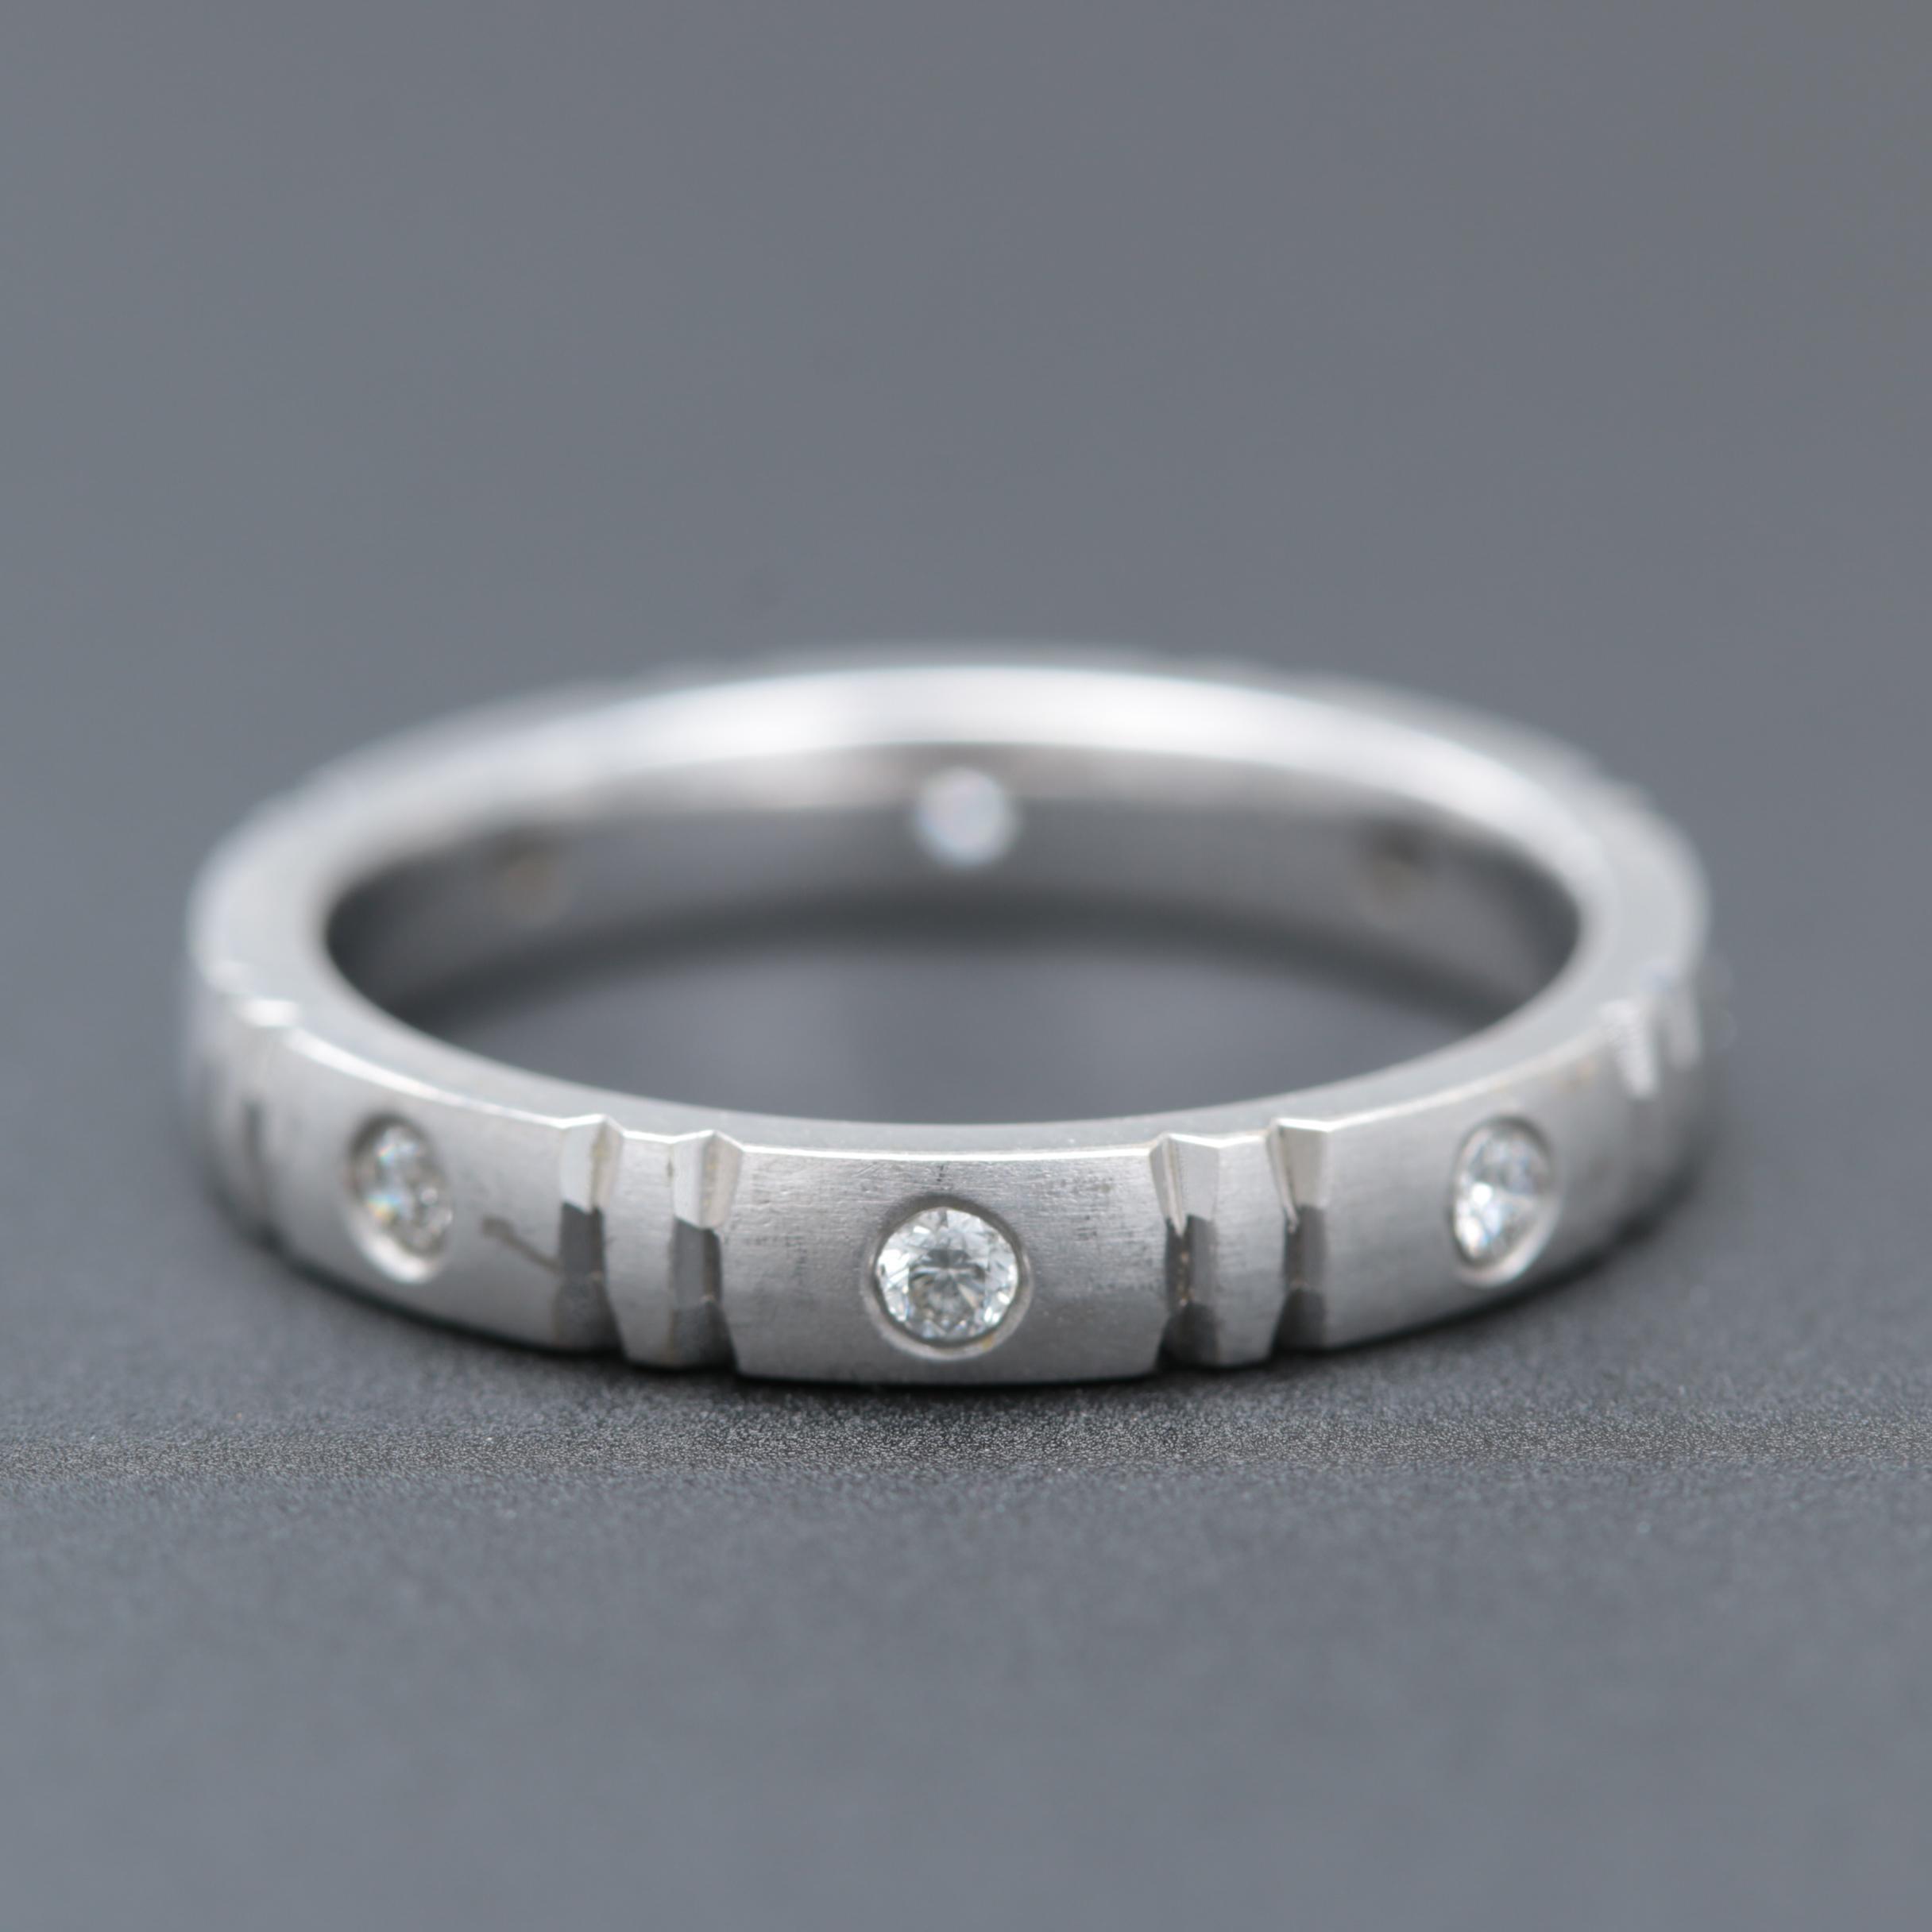 Shane Co. 14K White Gold Diamond Ring